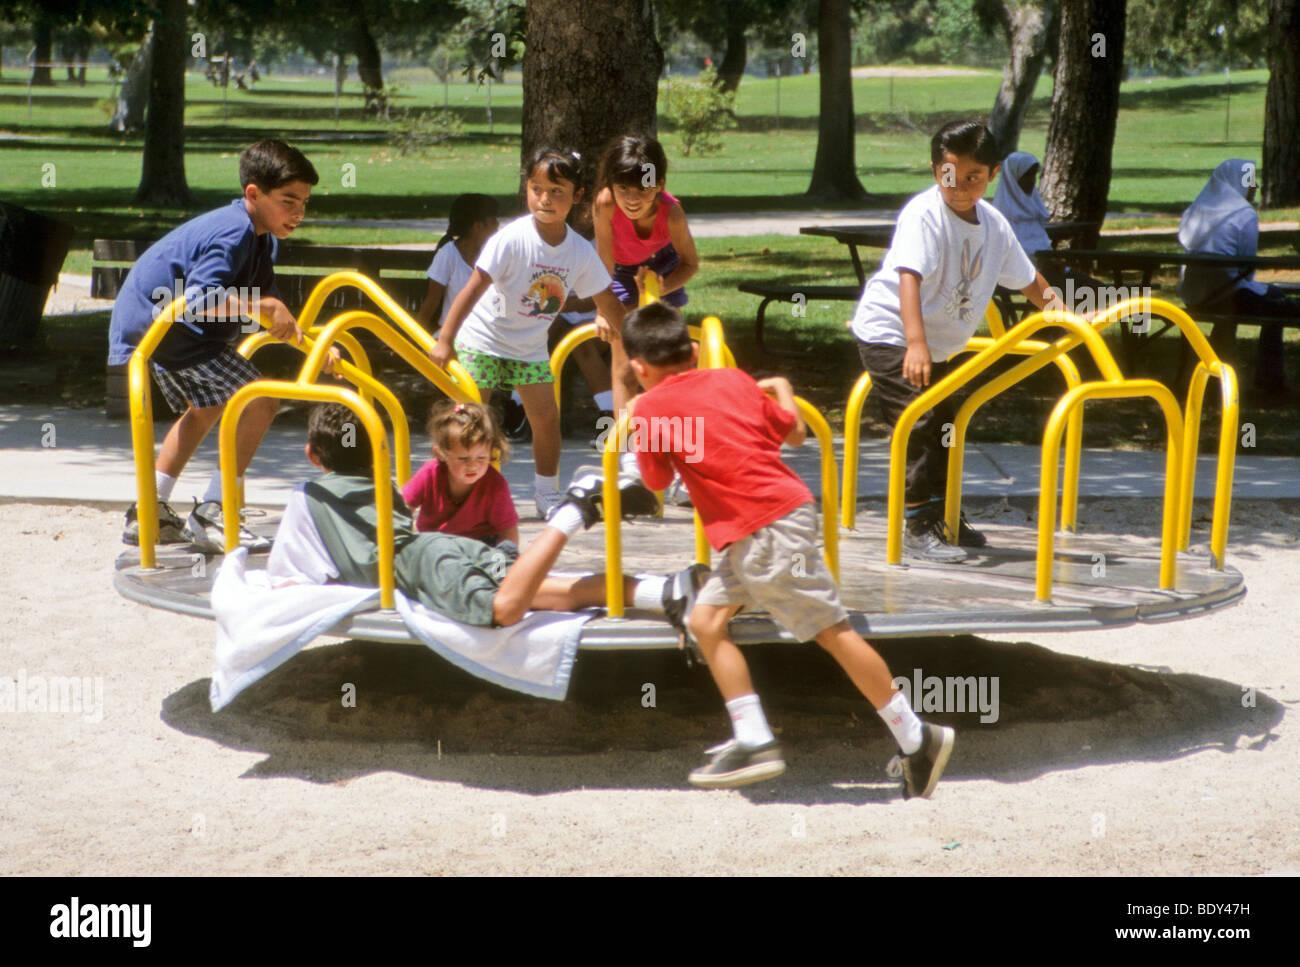 Children Spin On Merry Go Round In Park Playground